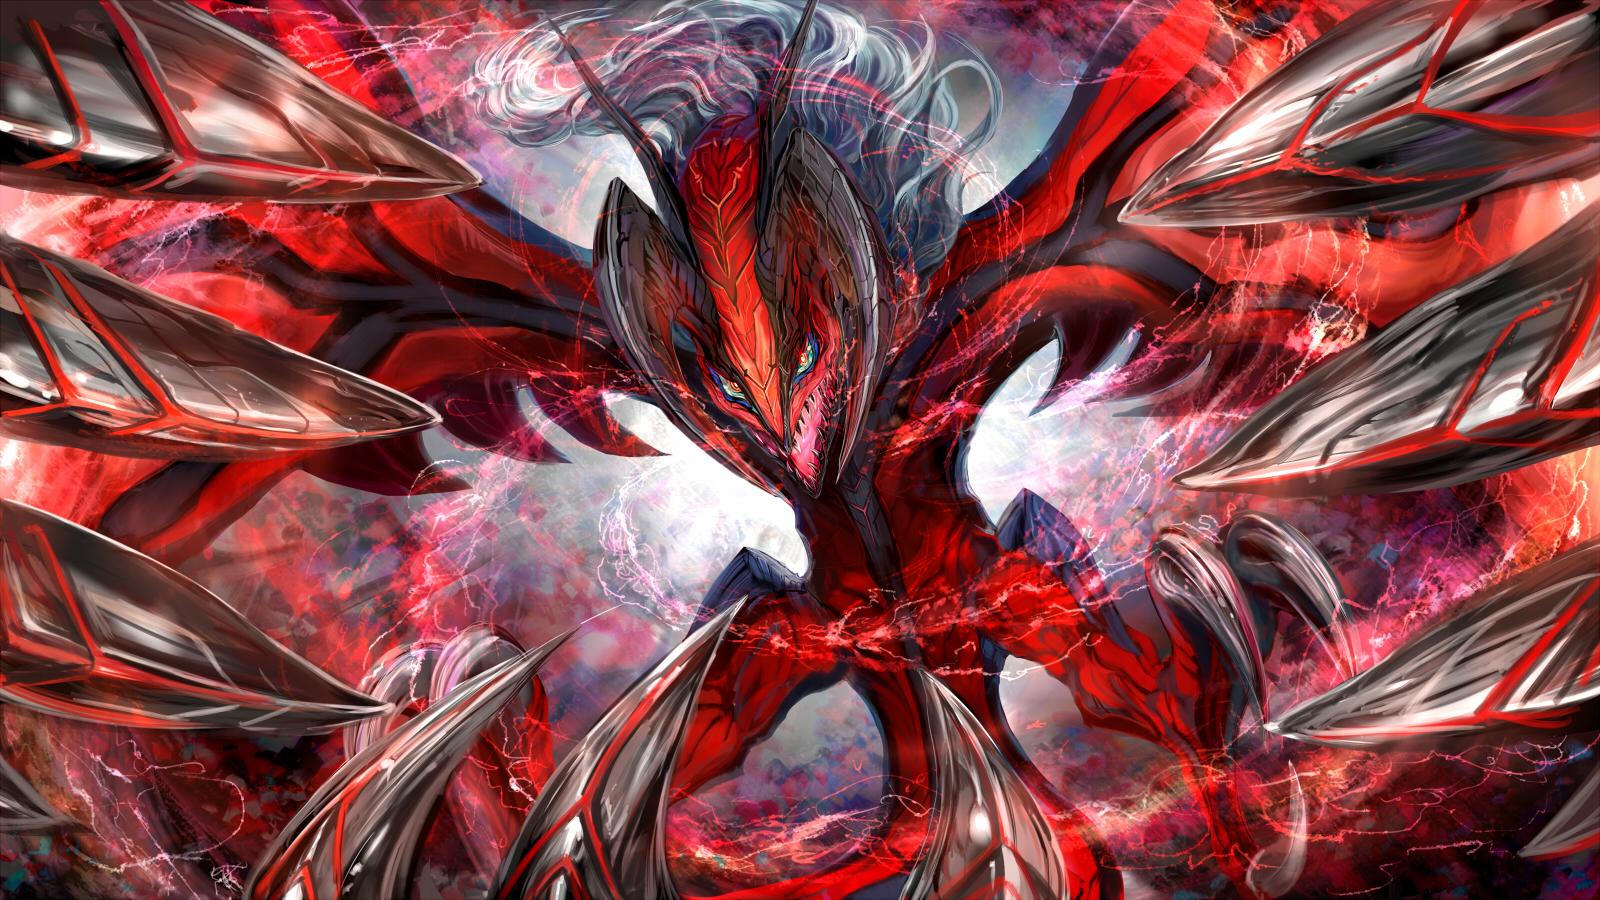 Yveltal - Pokémon - Wallpaper #1582039